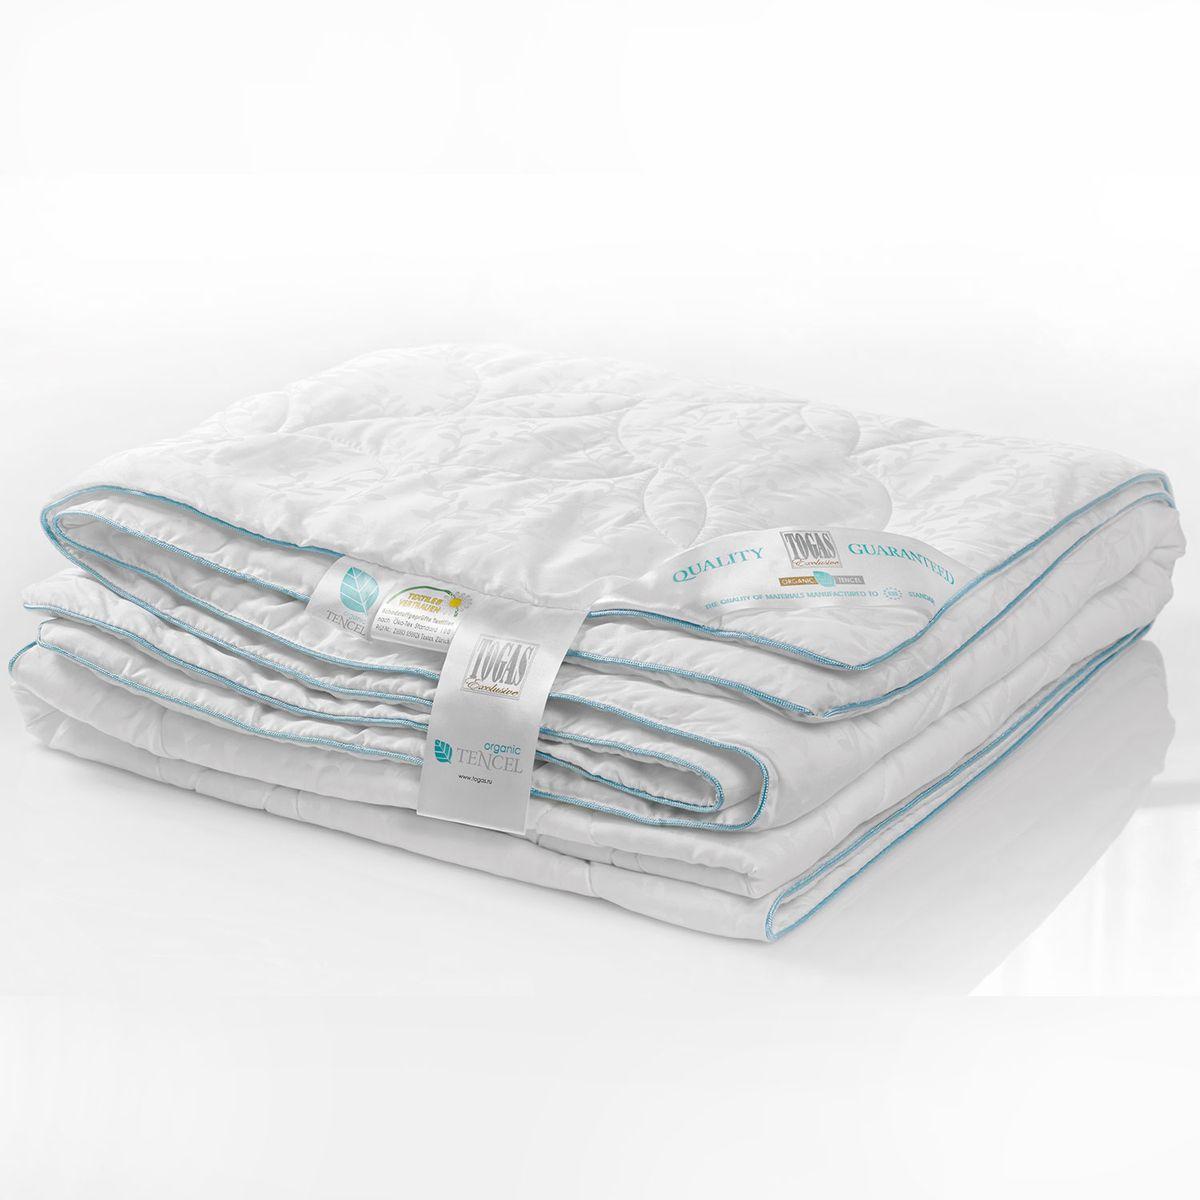 Одеяло Органик тенсель эвкалиптовое волокно в ткани тенсель. 20.04.12.005820.04.12.0058Состав: чехол - 100% жаккард тенсель; наполнитель - 100% тенсель. Детали: одеяло каростепное, классический крой, двойная отстрочка, окантовка голубым шнуром, чехол с растительным жаккардовым рисунком, наполнитель - тенсель. Цвет: белый. Уход: рекомендована сухая чистка. Возможна машинная стирка в домашних условиях в теплой воде (температура не выше 30°С) в деликатном режиме, если есть соответствующее указание в инструкции по уходу. Для длительного хранения и перевозки используйте тканевые сумки-чехлы, в которые одеяло было упаковано при покупке. Регулярно проветривайте одеяла и подушки, желательно на свежем воздухе, но не под прямыми солнечными лучами.